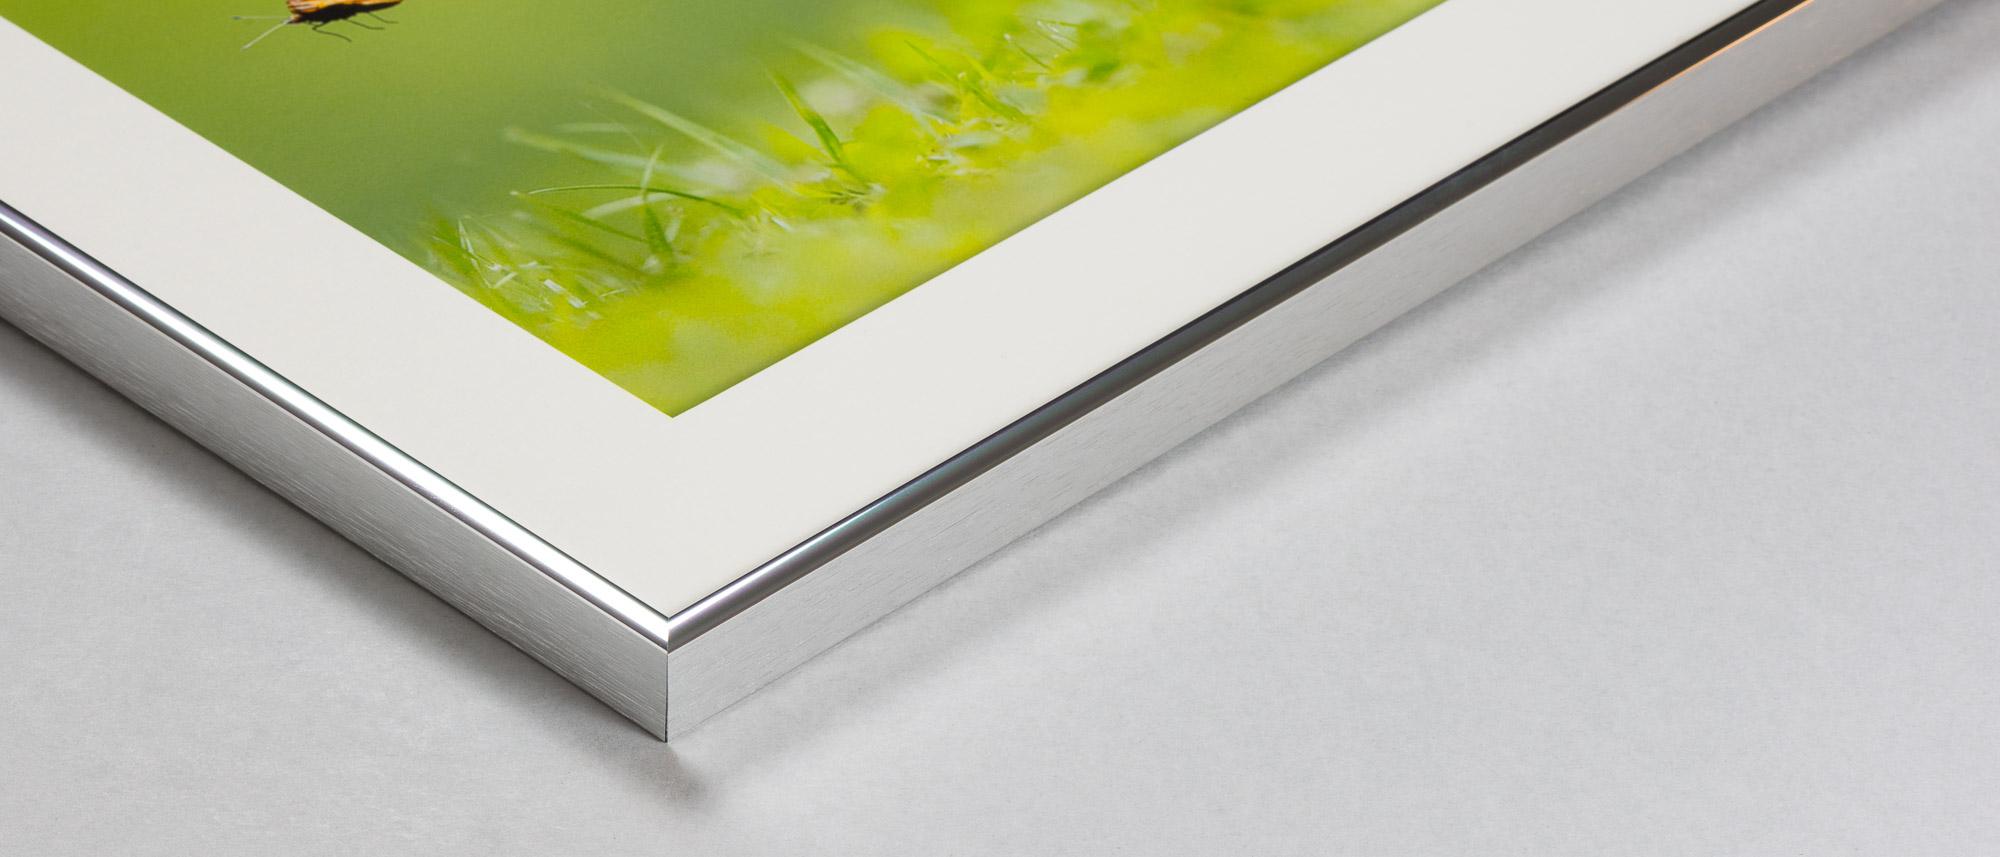 Aluminiumram med montering av foton